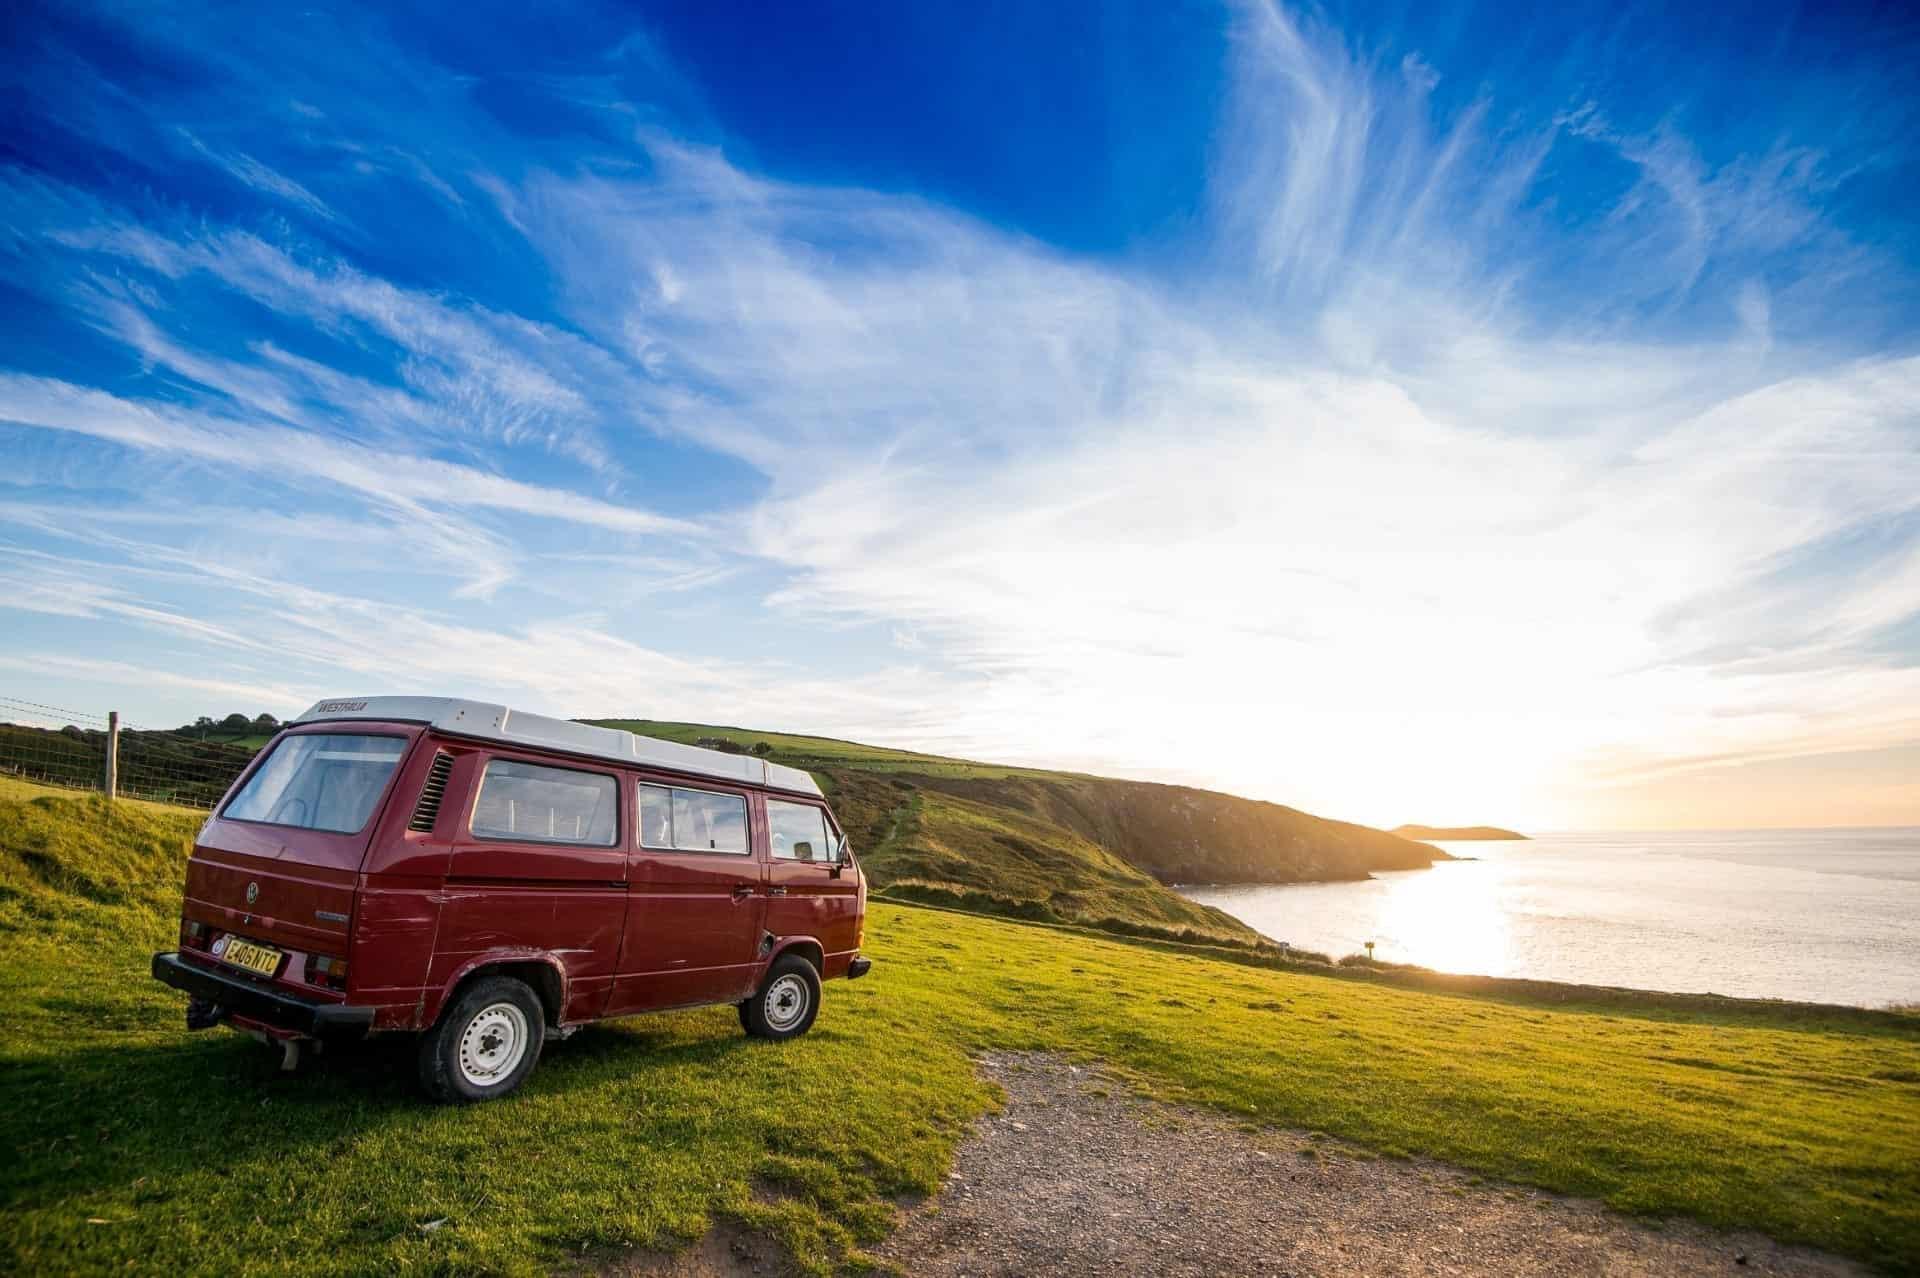 Welsh caravan sites